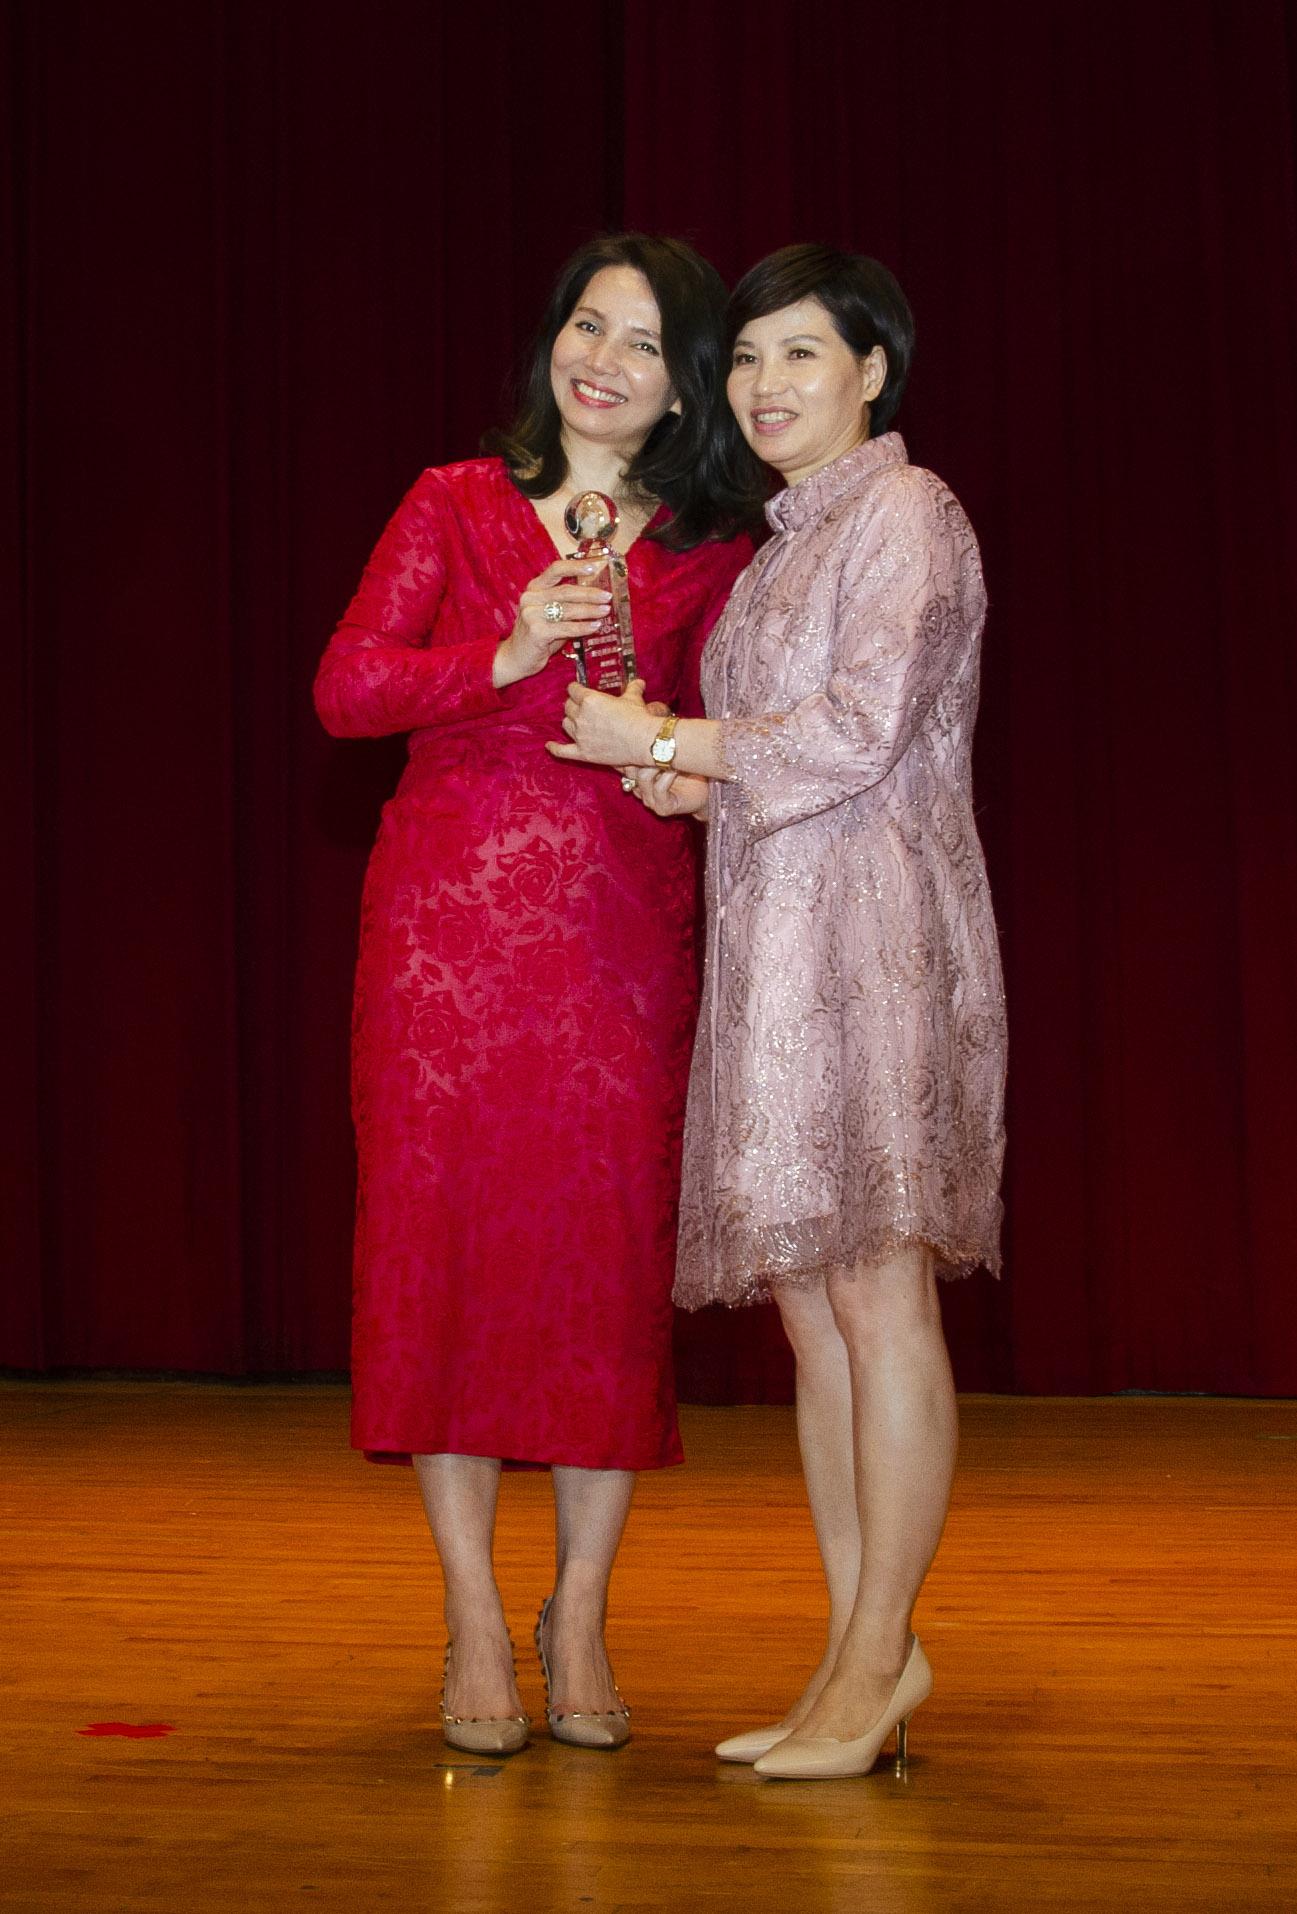 中三營業處榮獲最佳通訊處特優獎,由陳翠芳業務協理代表領獎。